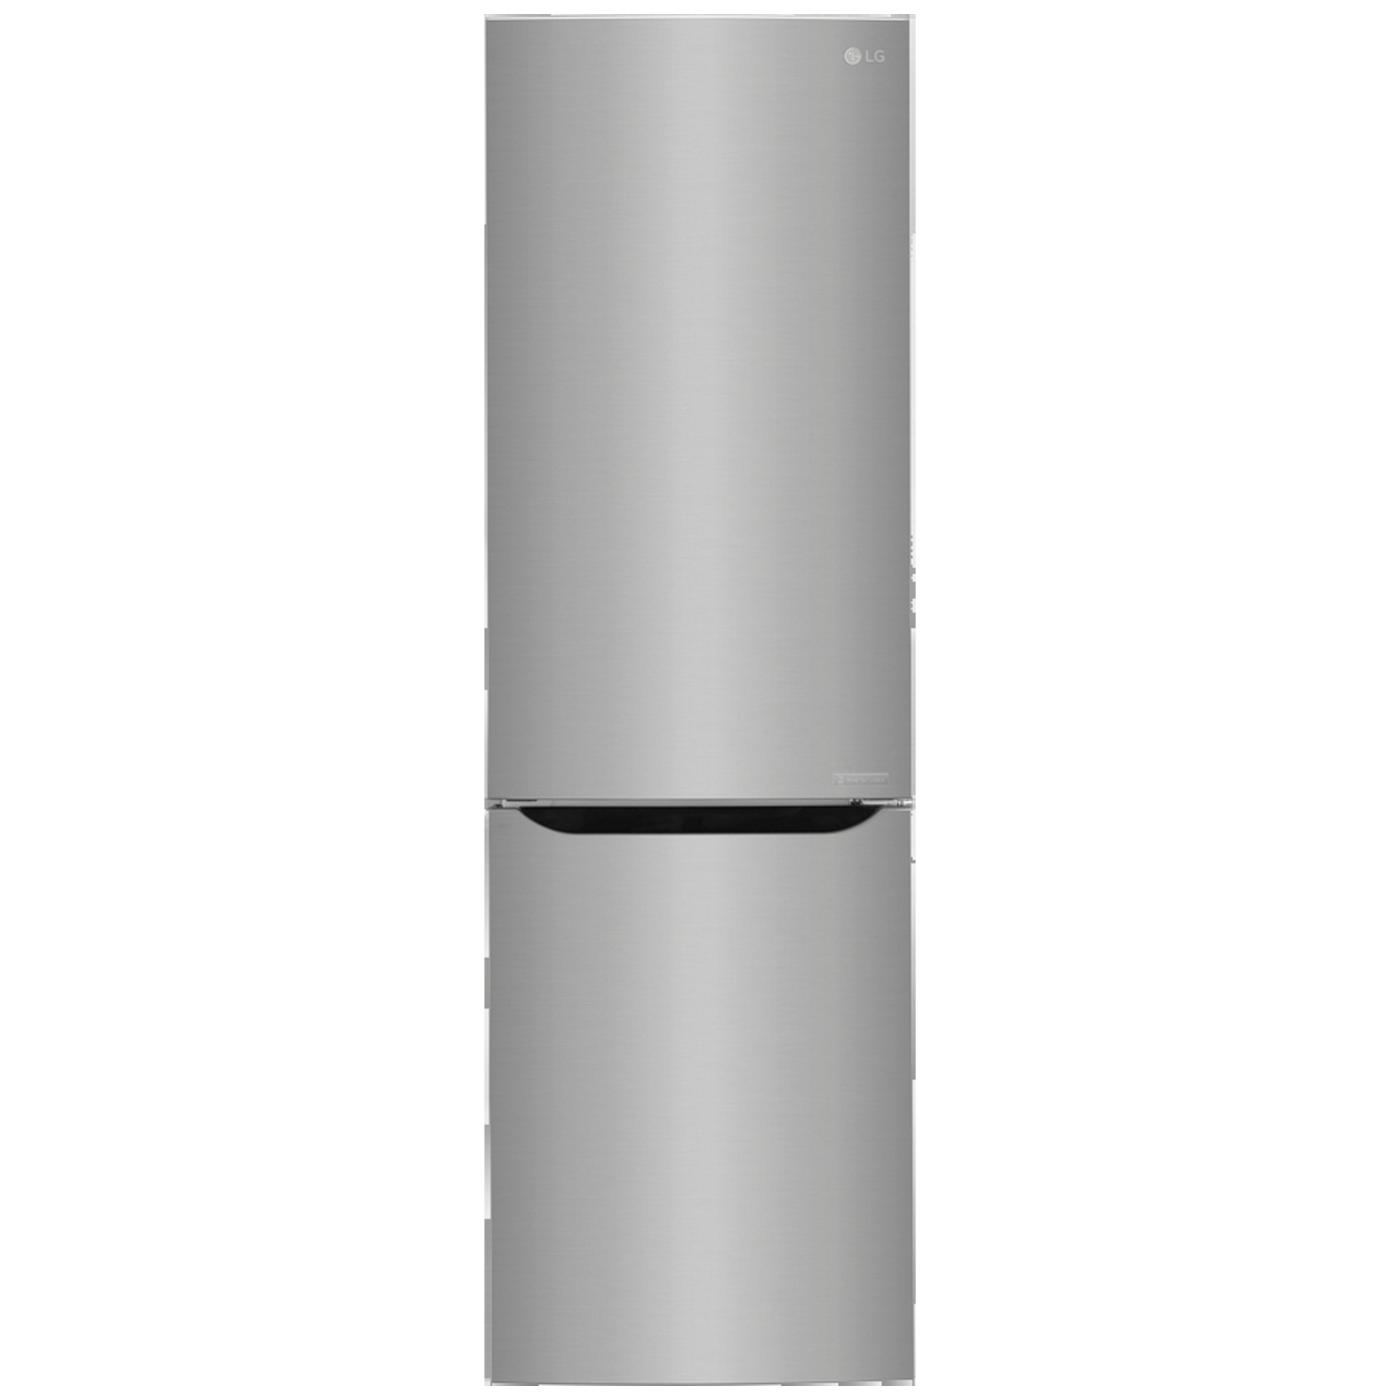 Frižider/Zamrzivač, zapremina 300l, No Frost, A++